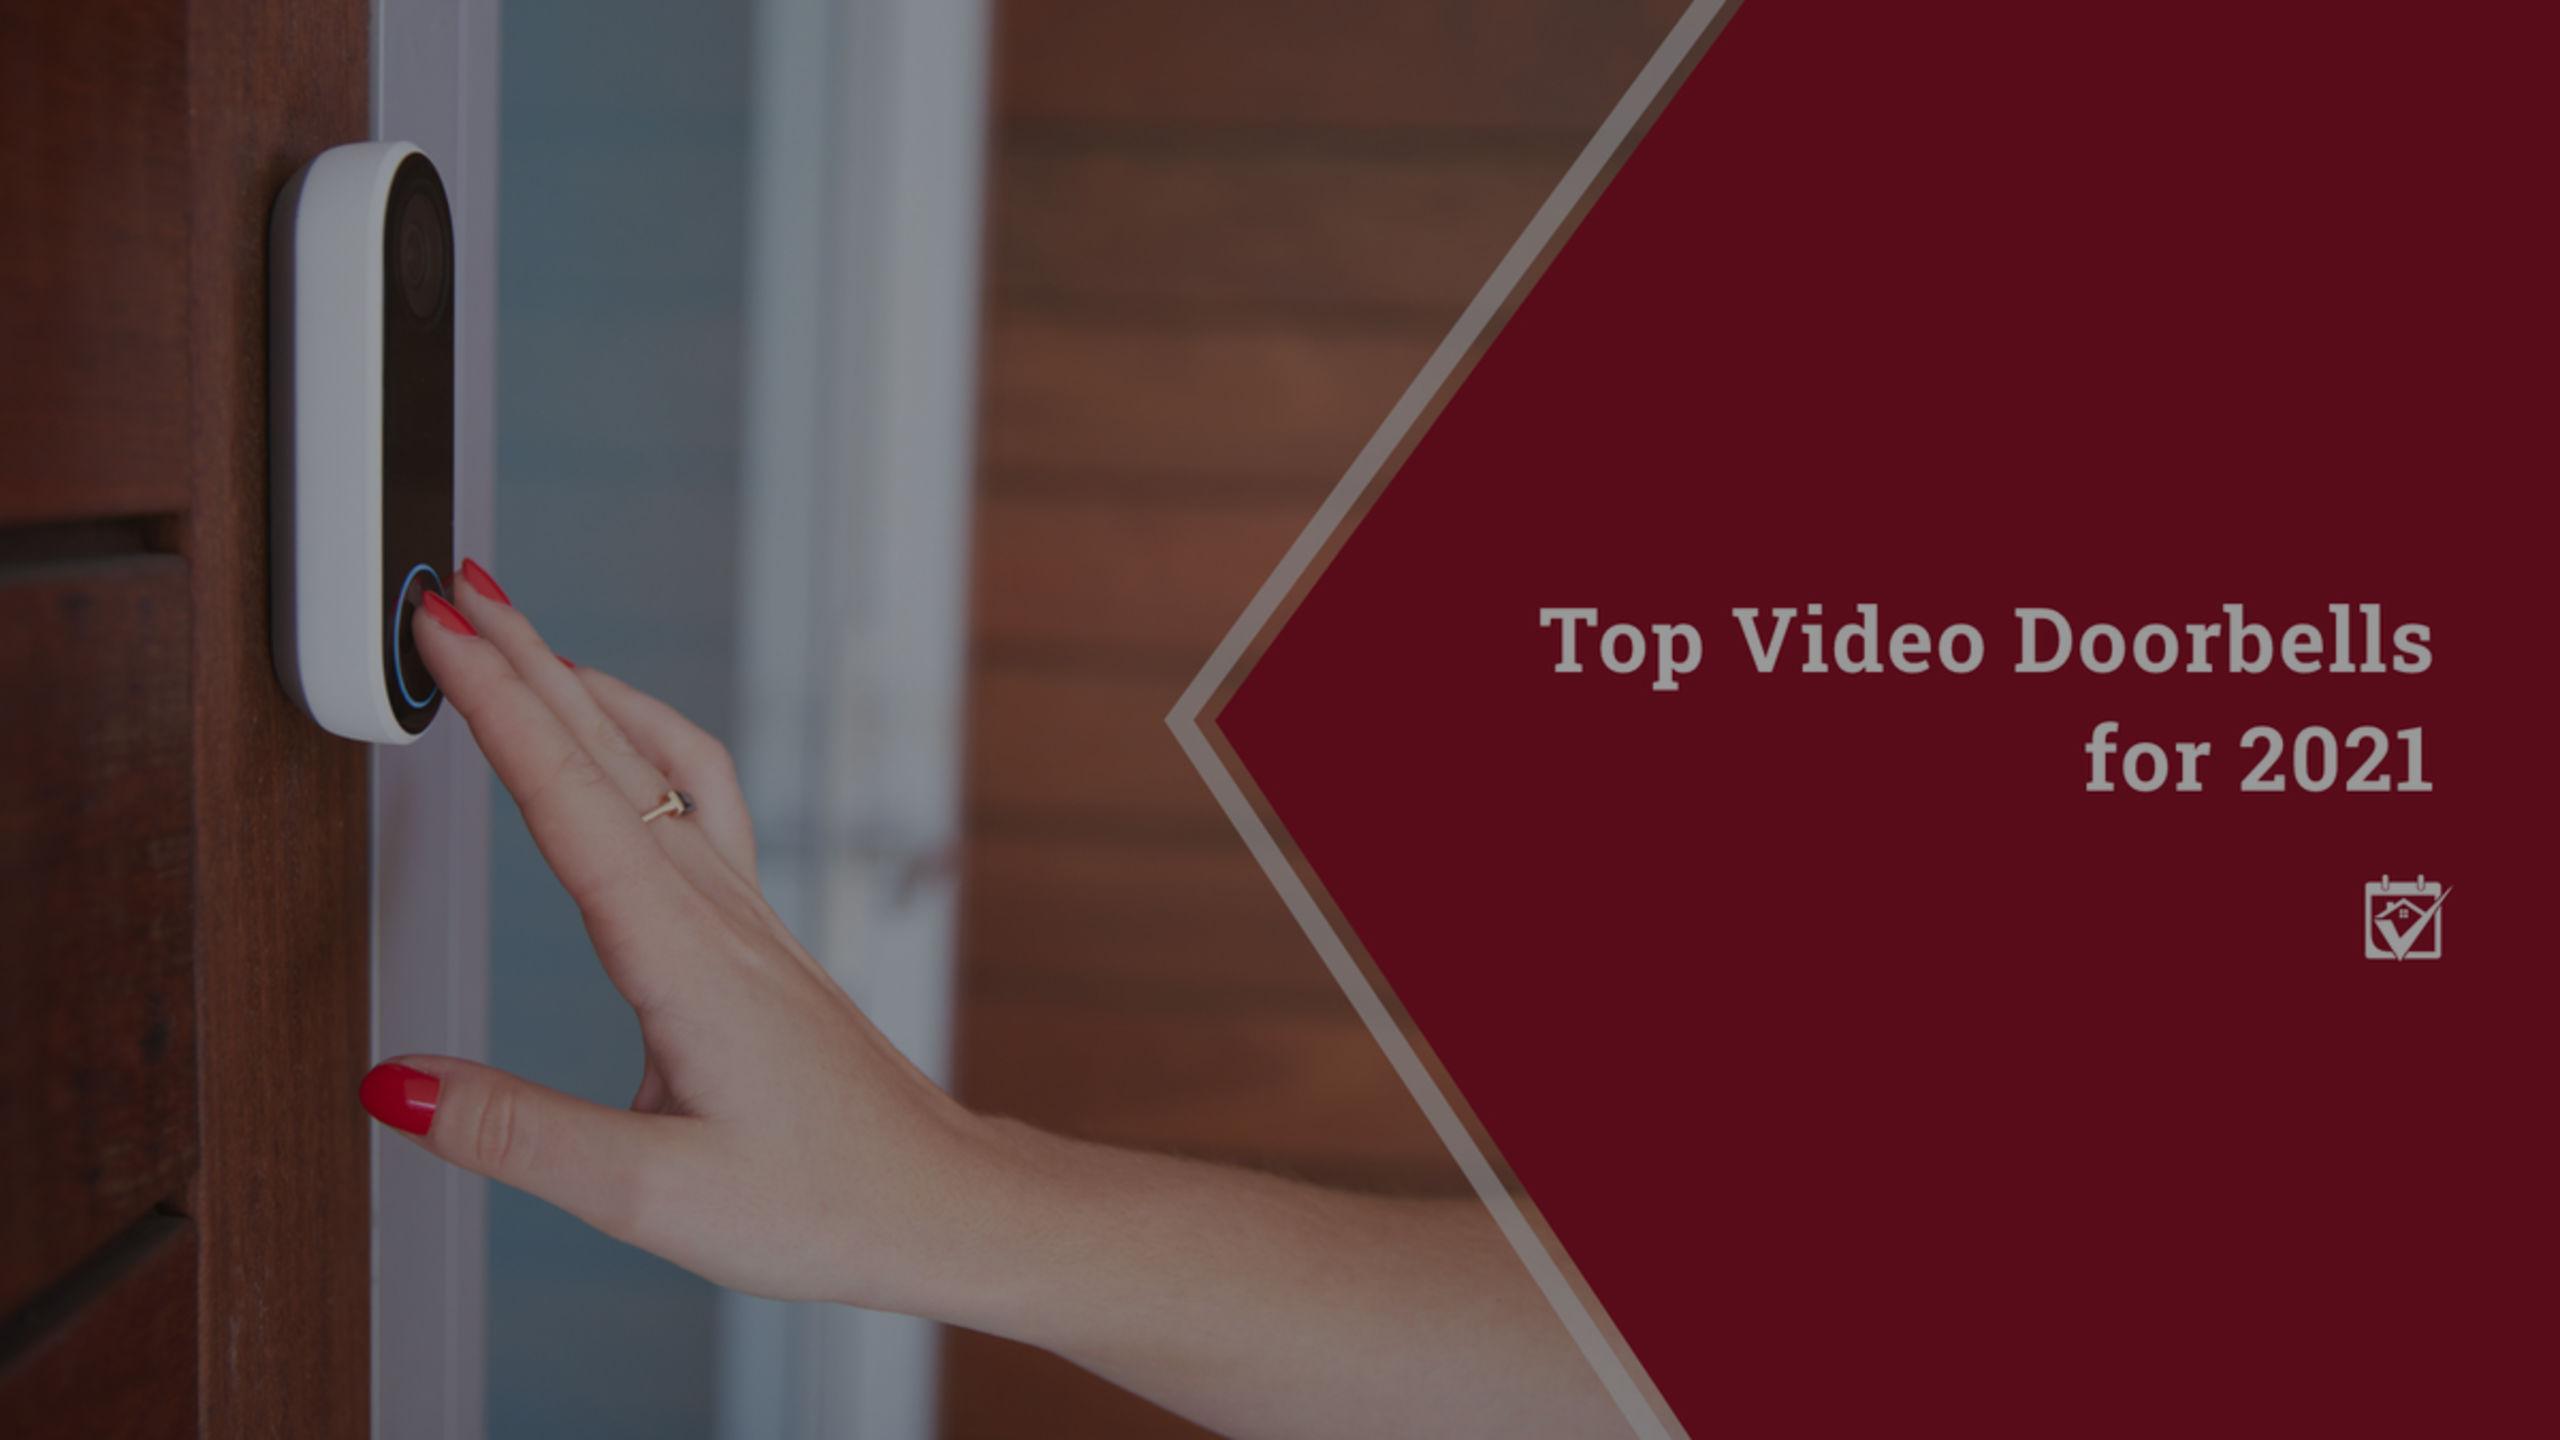 Top Video Doorbells for 2021